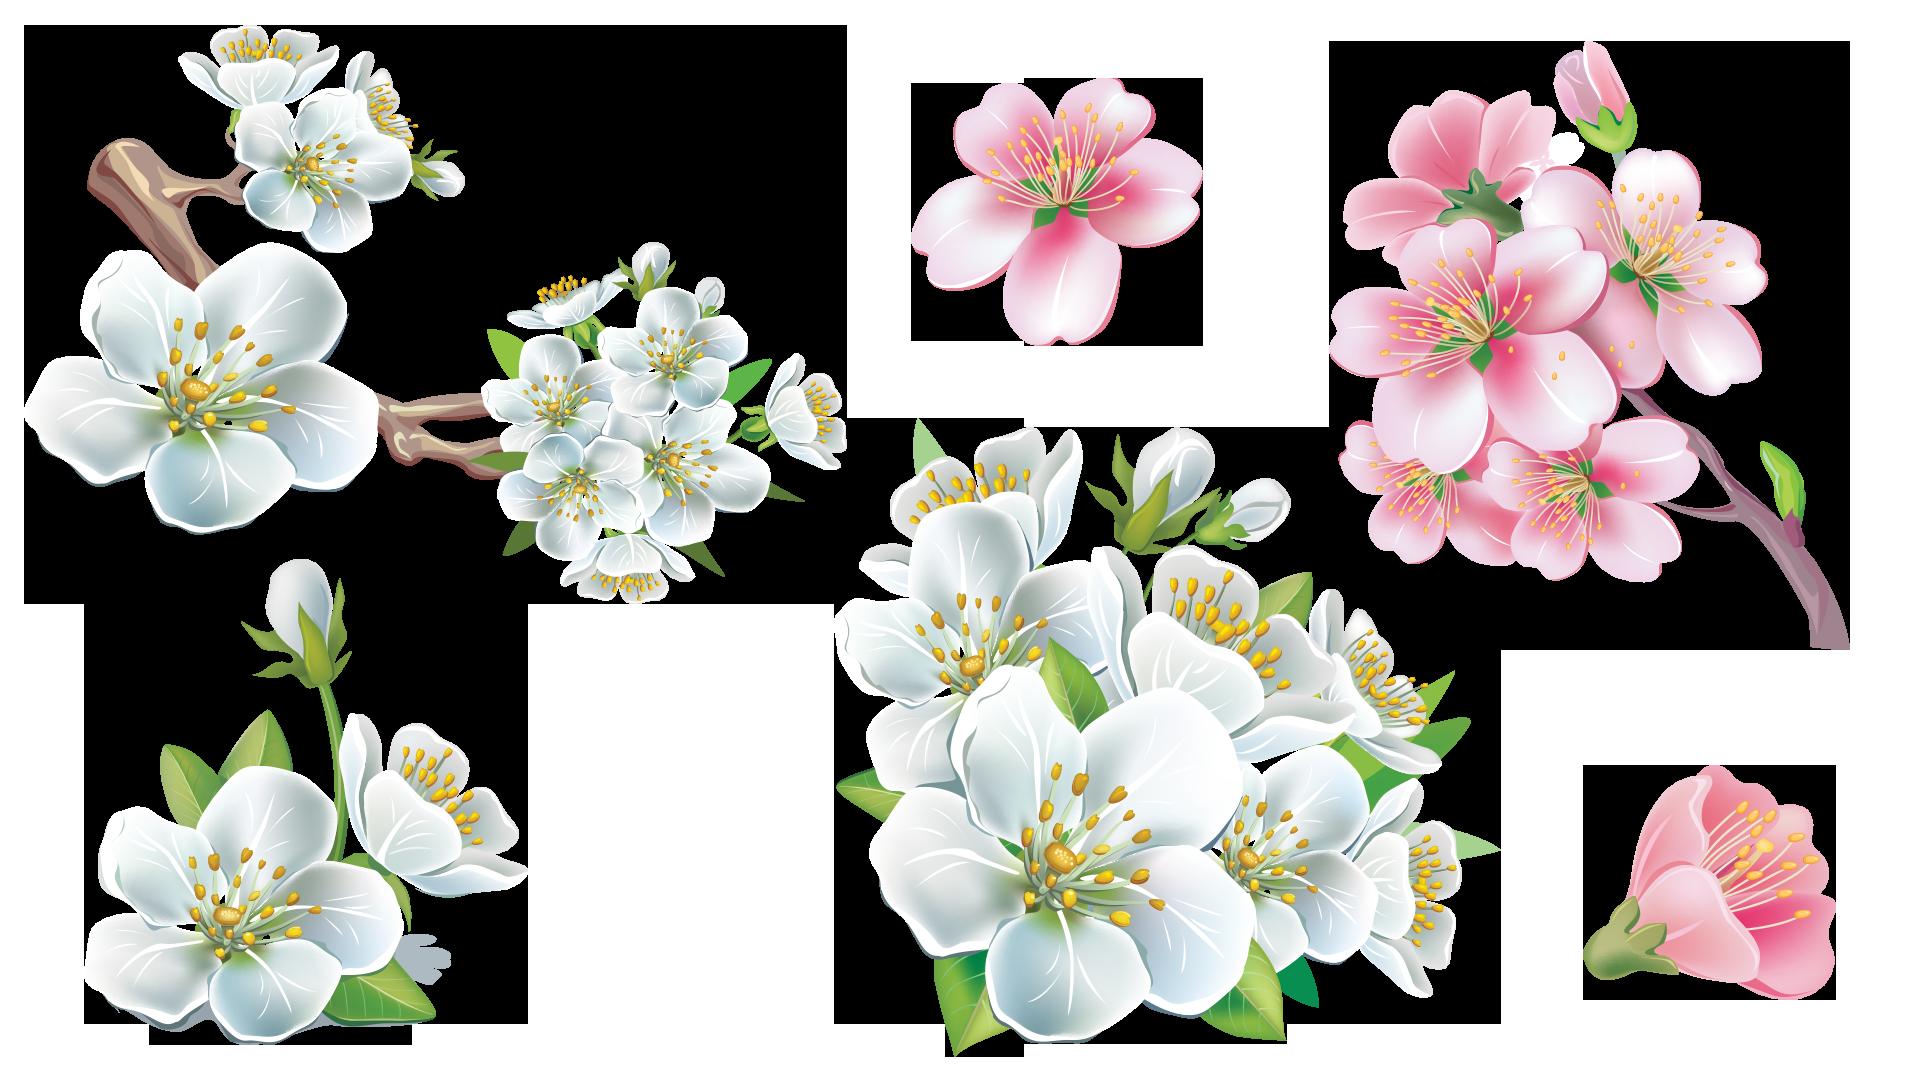 Bonus Flower Sakura by ilabsnsd02 on DeviantArt